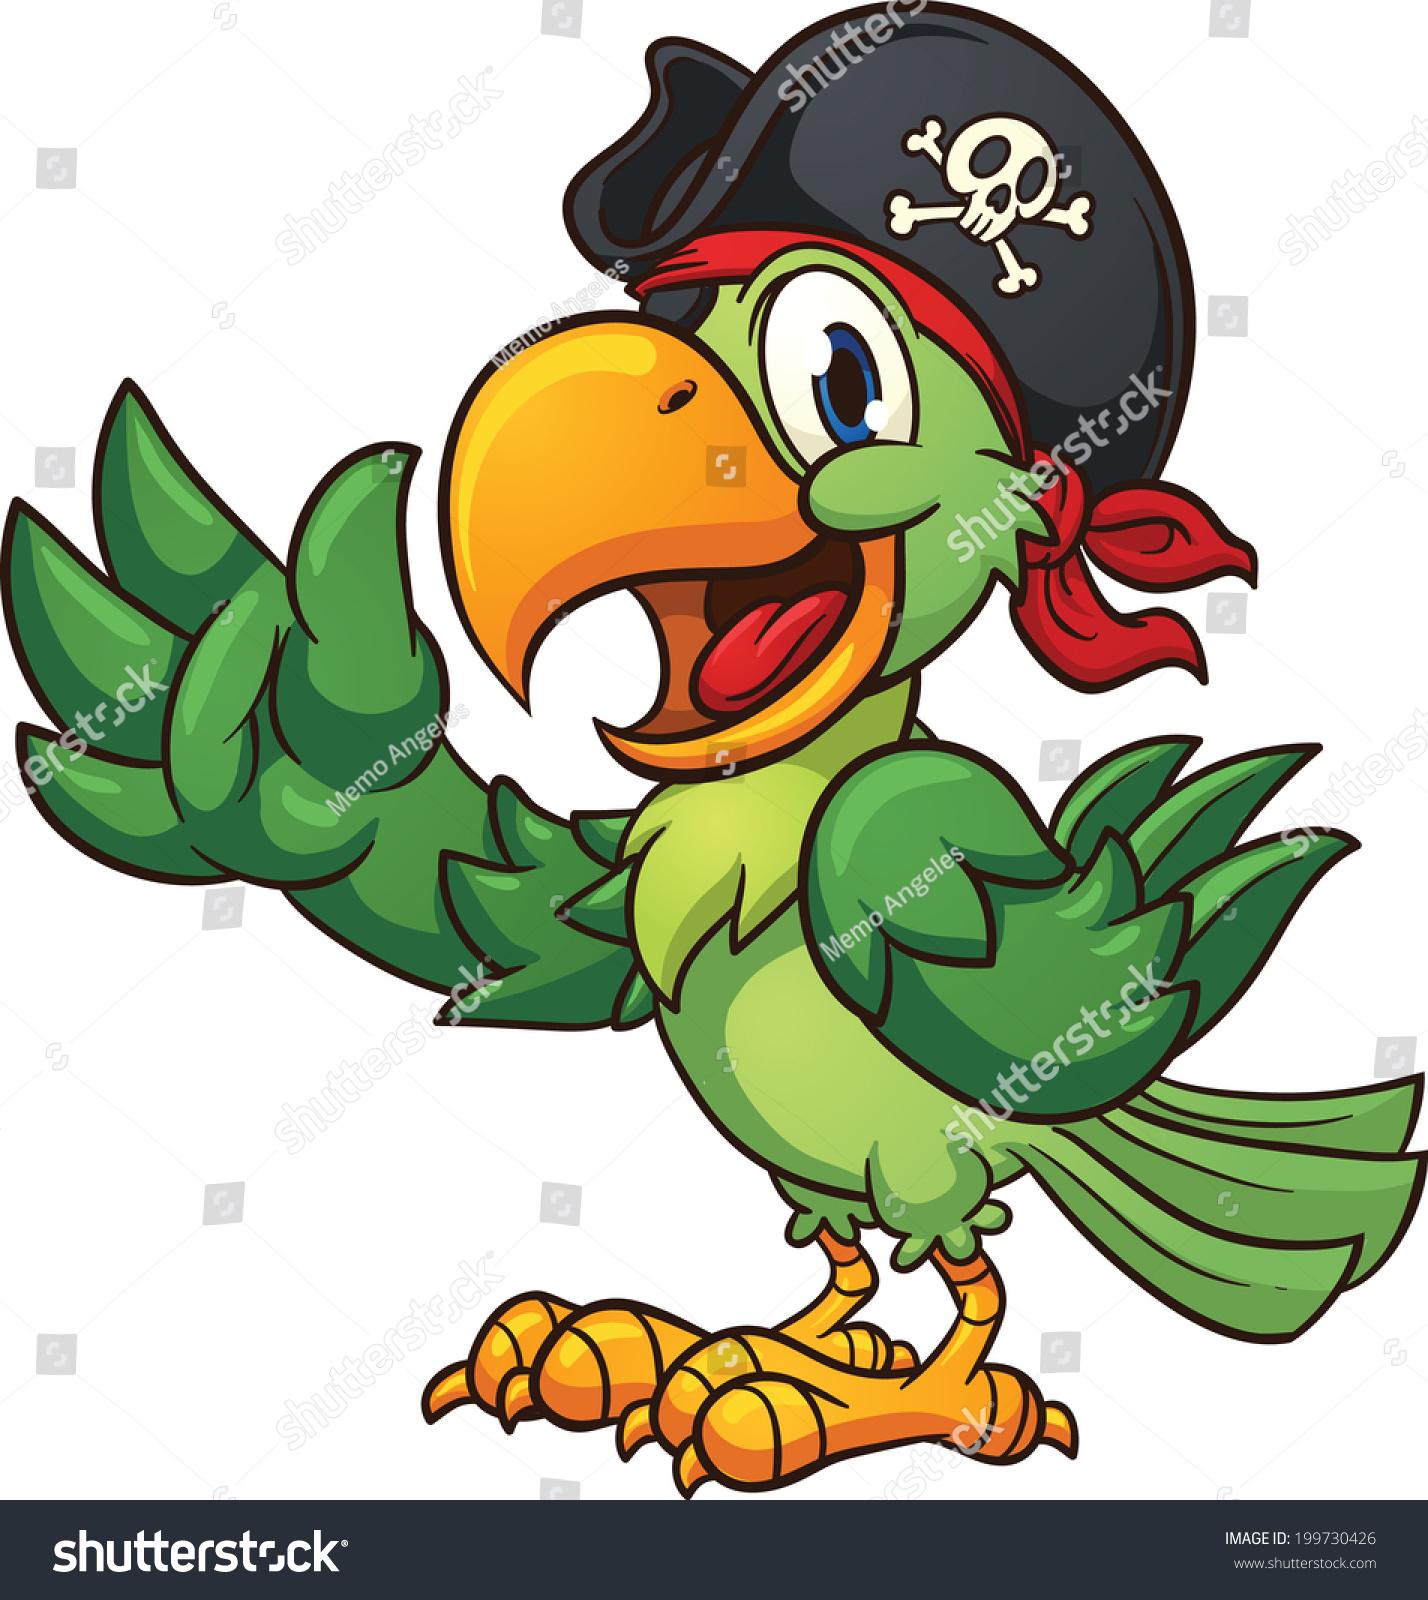 卡通海盗鹦鹉.使用简单的梯度向量剪贴画插图.所有在一个层.